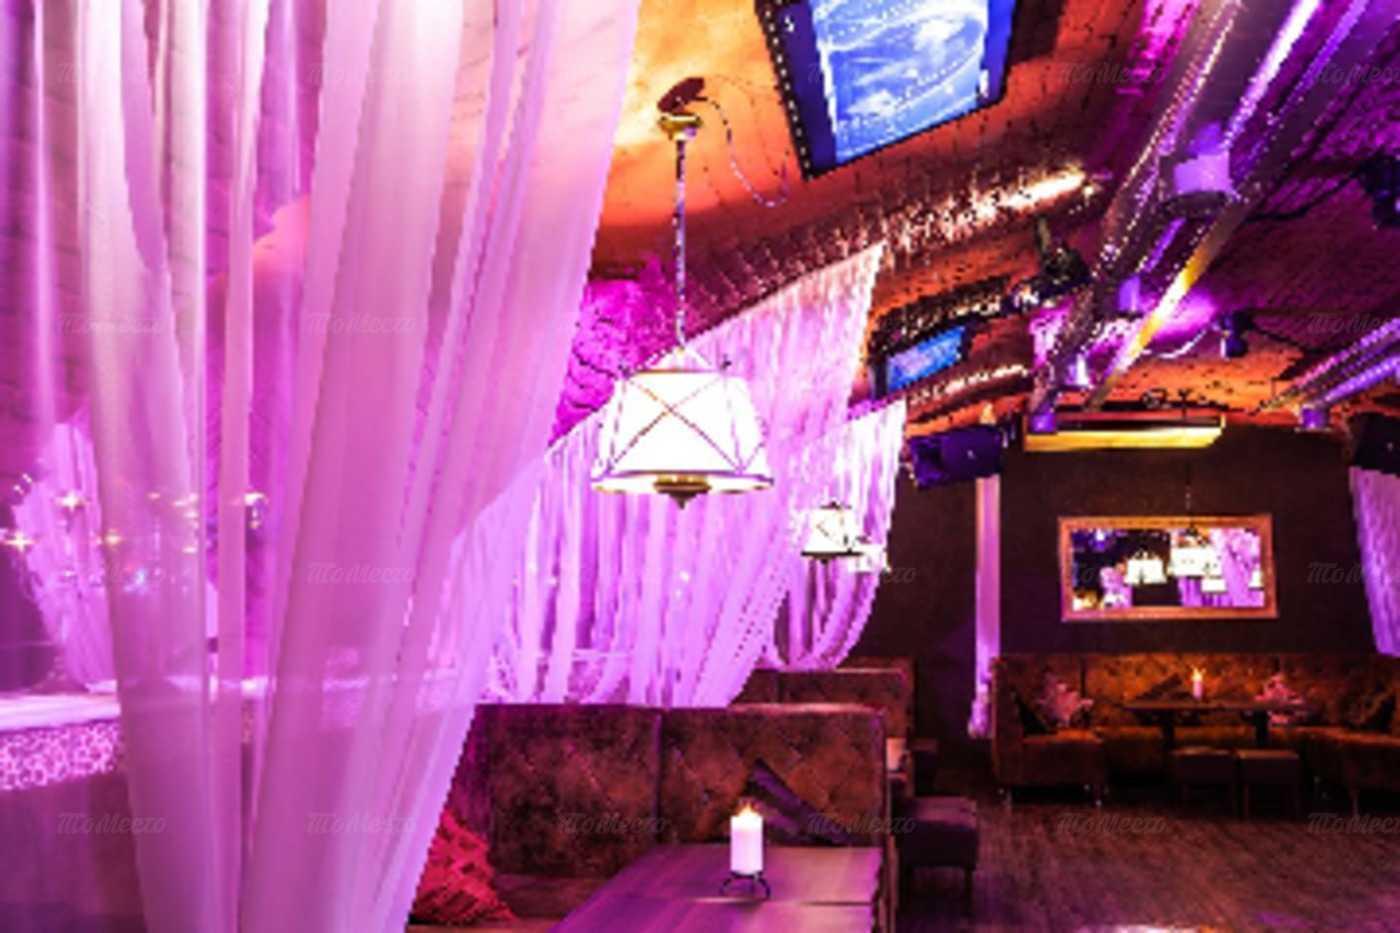 Меню бара, караоке клуб, ресторана Кинза (бывш. Кукарача) на Галактионовской